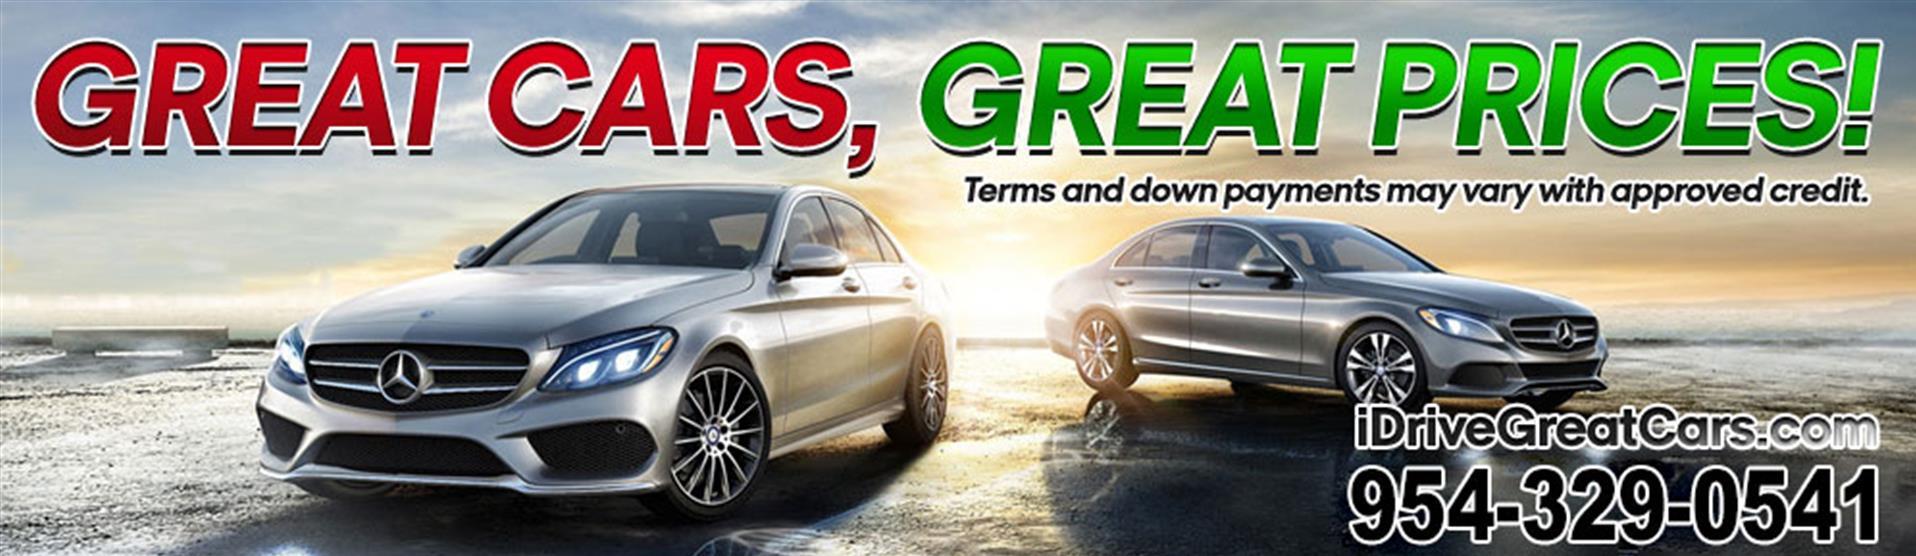 Used Cars Miami Gardens FL   Used Cars & Trucks FL   iDrive